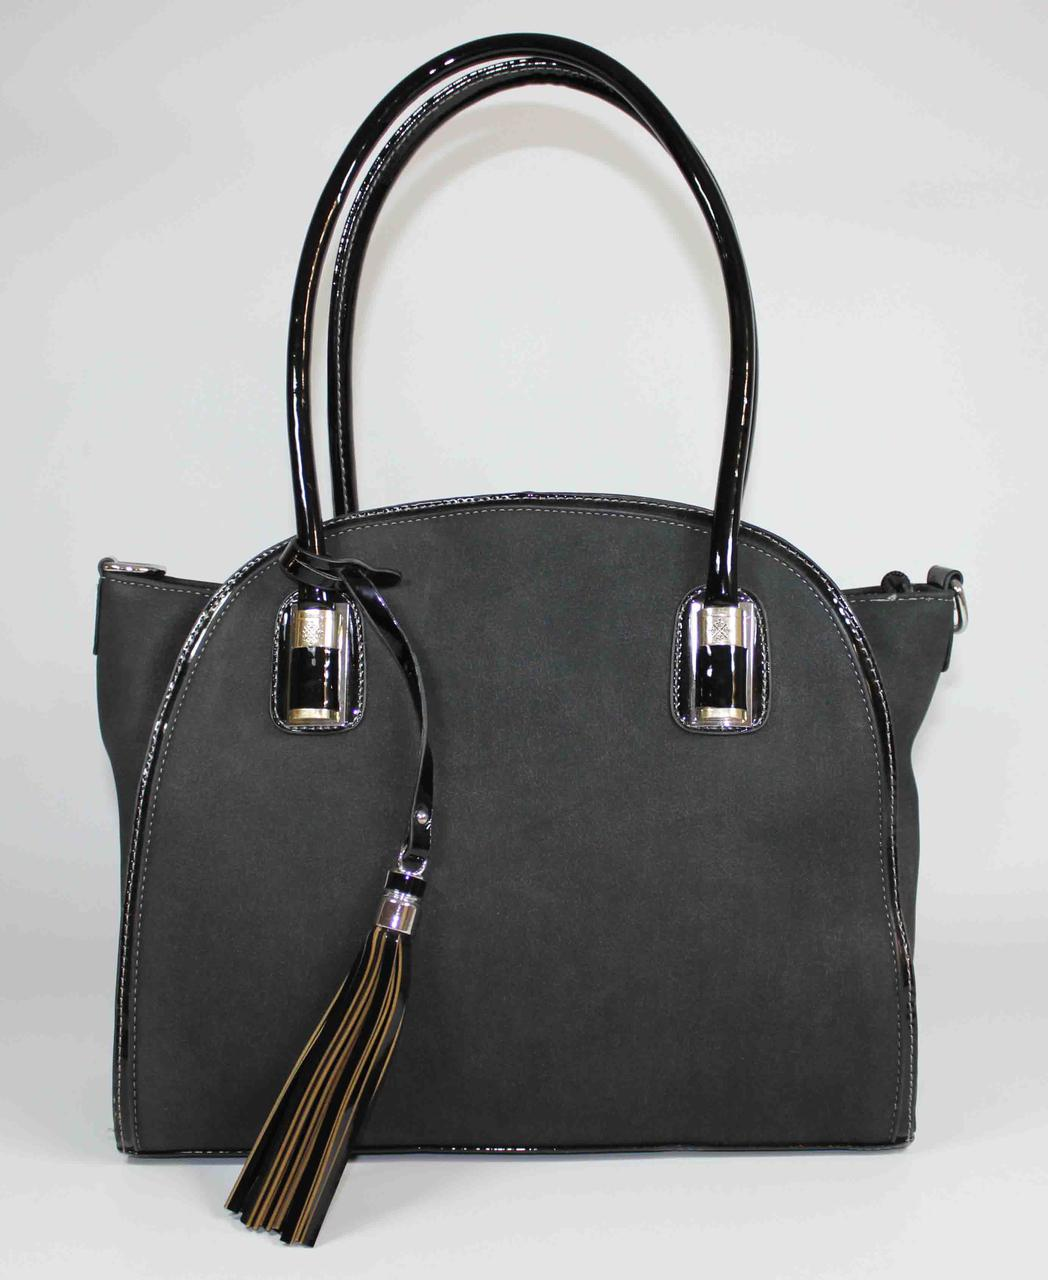 aa88639e46b2 Сумка женская классическая черная - Komodd - Женские сумки,рюкзачки,спортивные  сумки в Хмельницком